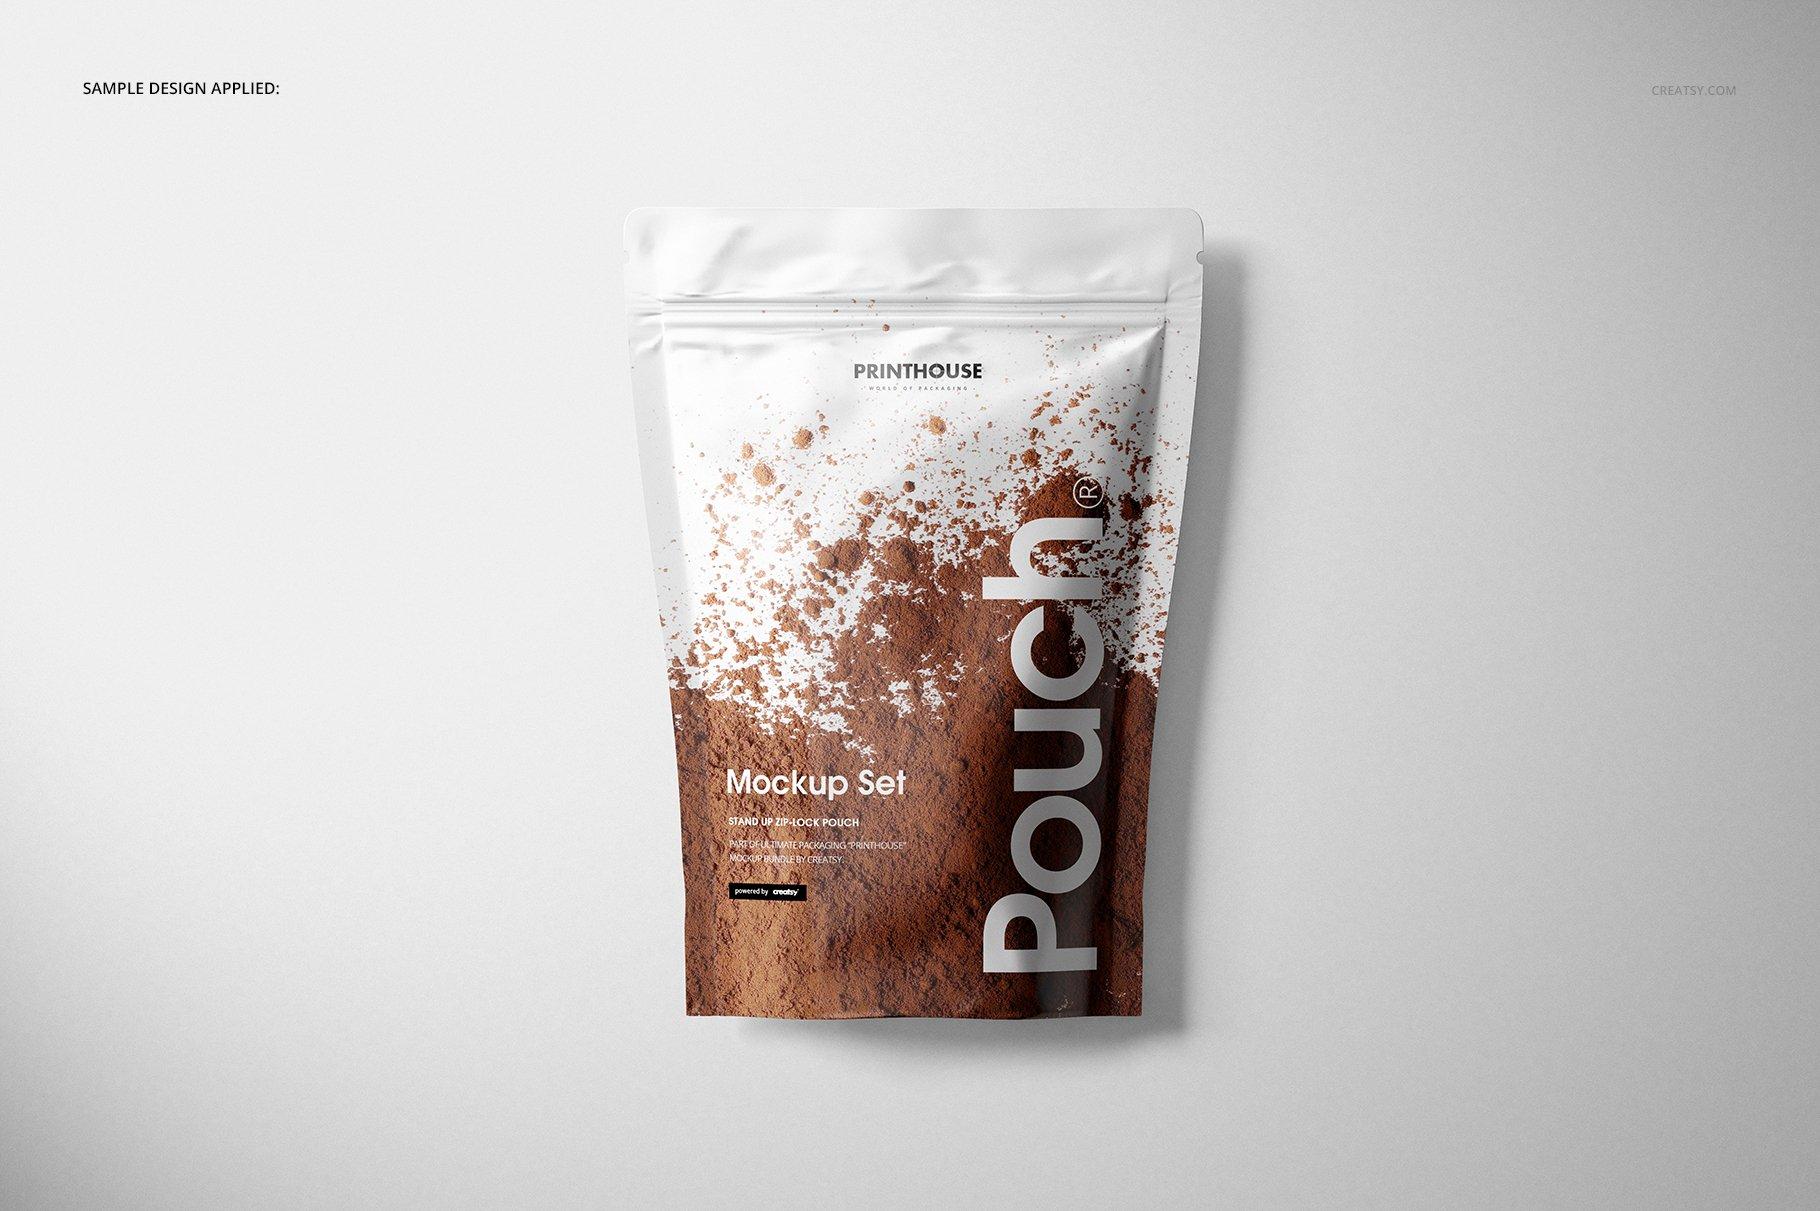 铝箔自立袋自封袋包装袋多角度PSD样机模板 Stand Up Pouch Mockup插图(6)